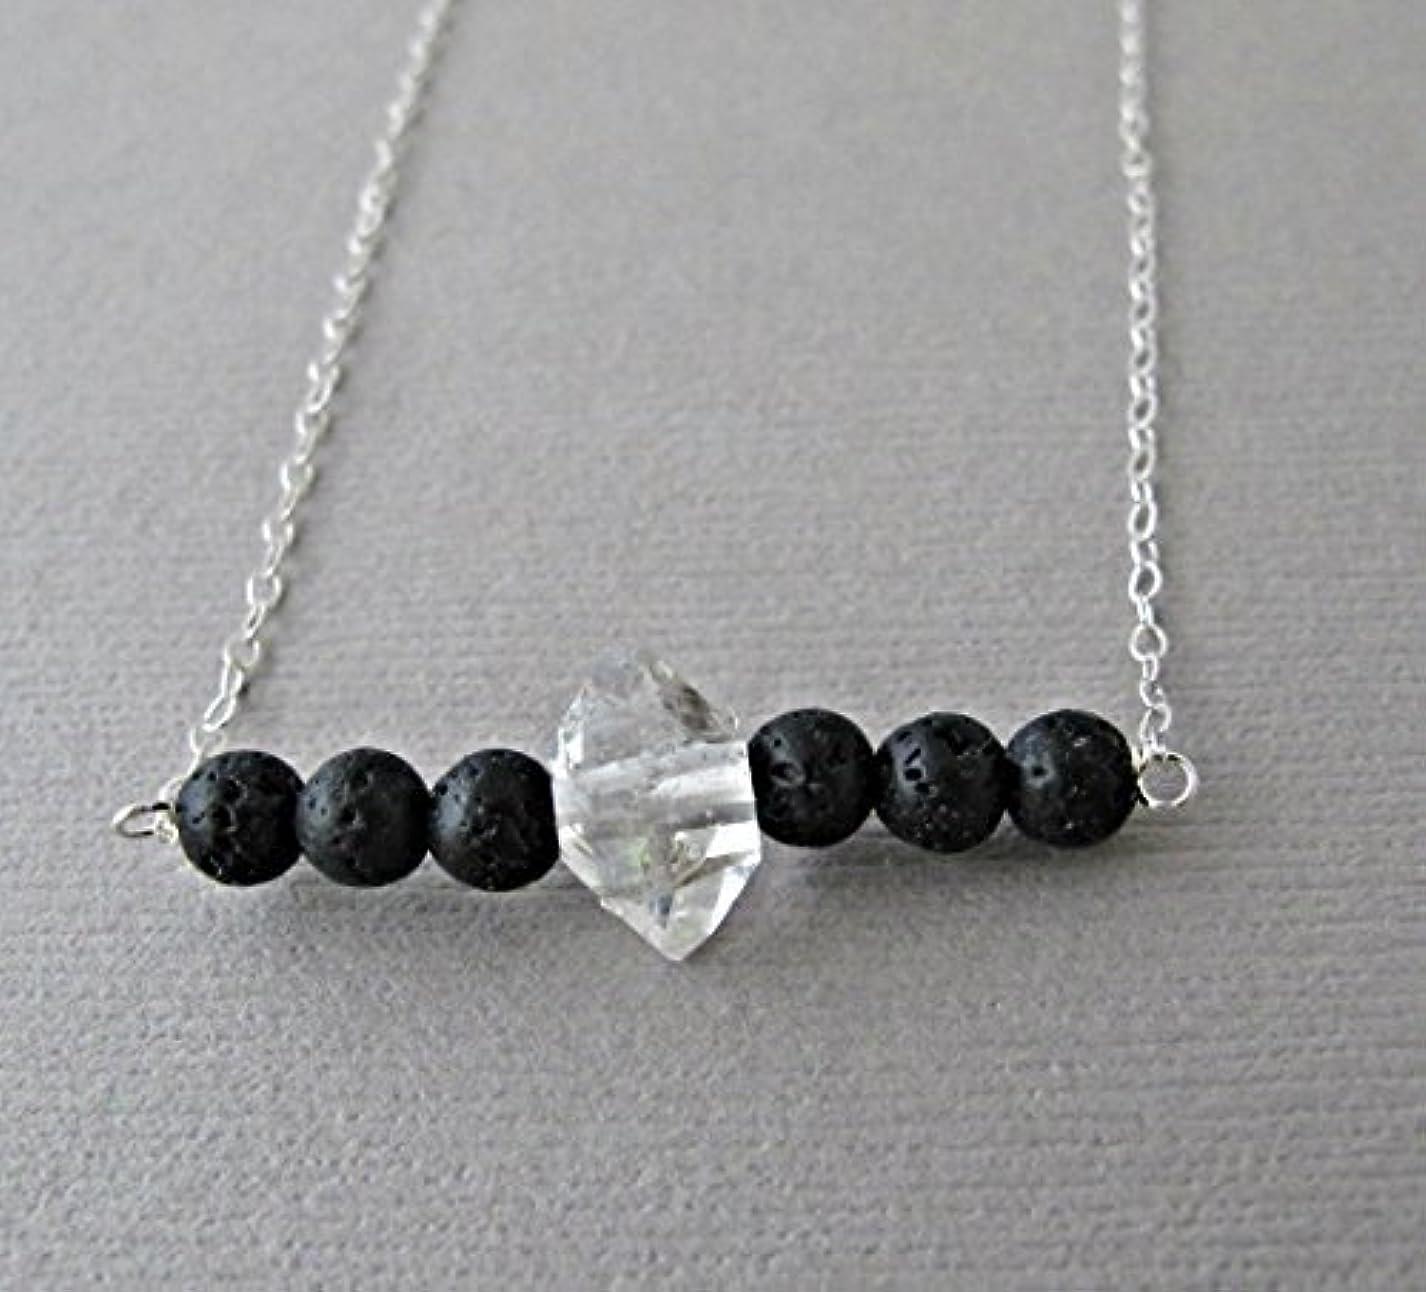 ペチュランス絶滅した洗練Herkimer Diamond Lava Pendant Essential Oil Necklace Diffuser Aromatherapy - Simple Minimalist Lava Bead Diffuser...